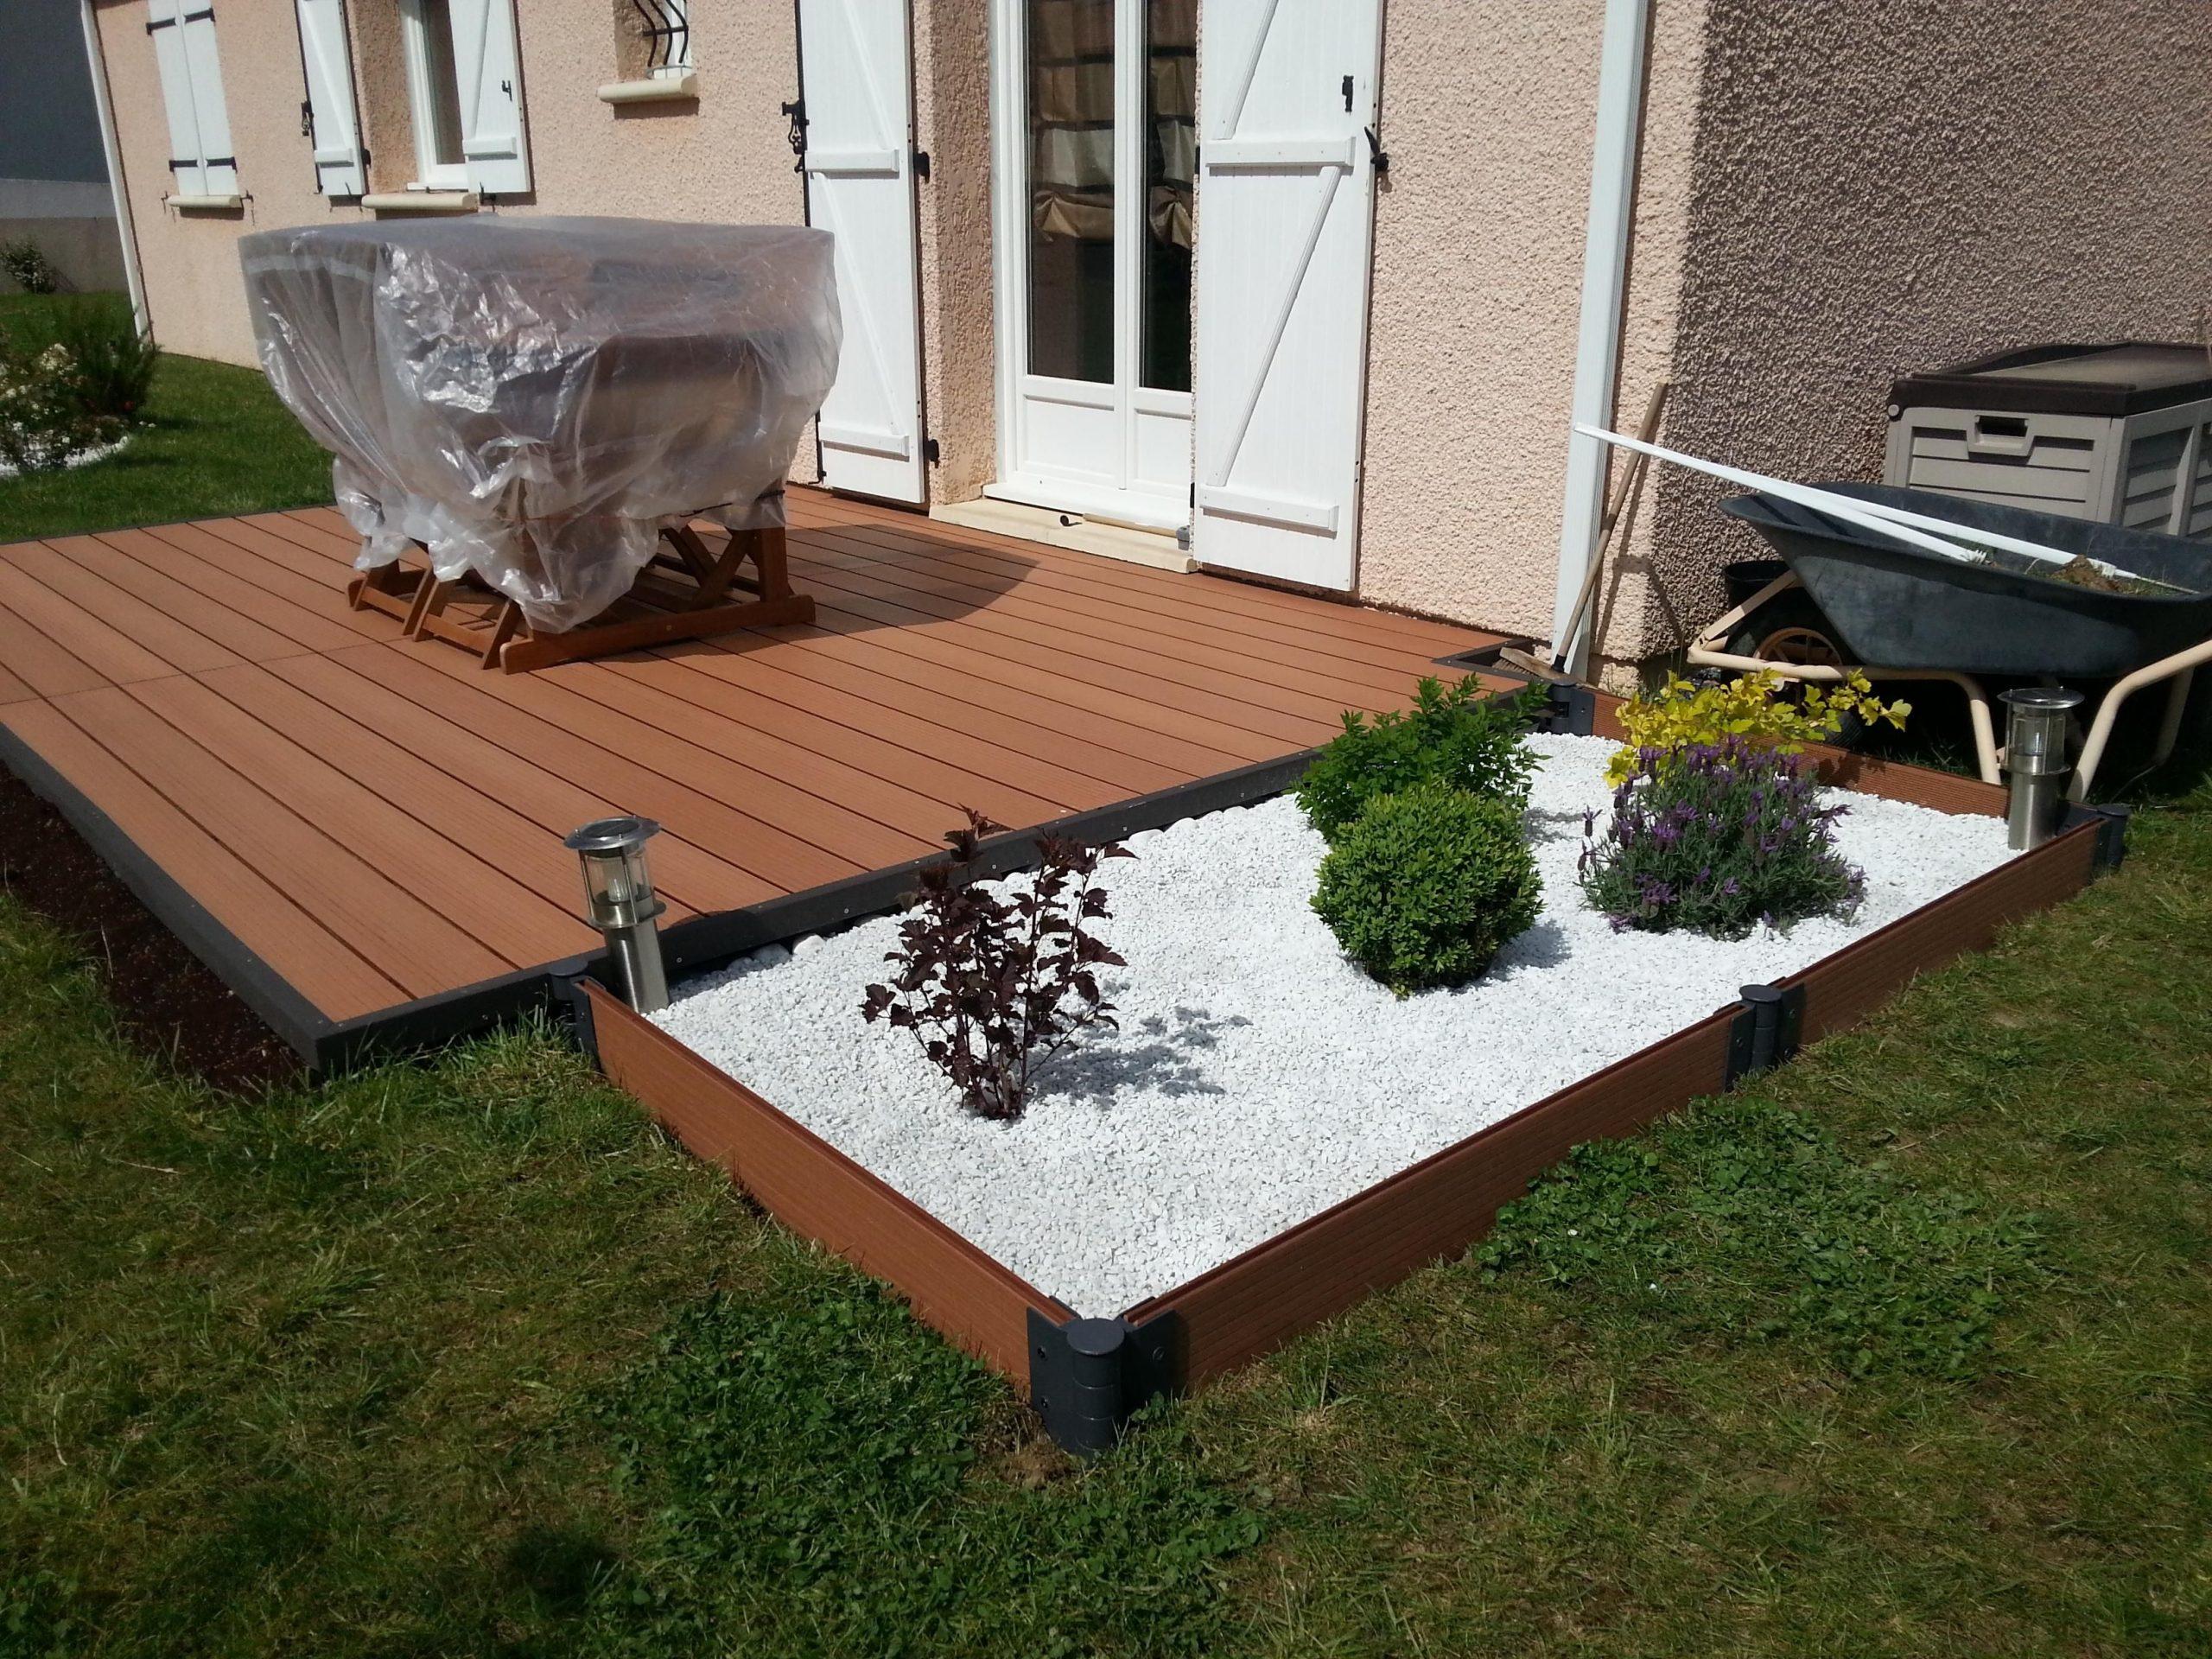 Comment Poser Une Terrasse Composite Sur Lambourdes Et Plots ... pour Plot Terrasse Blooma